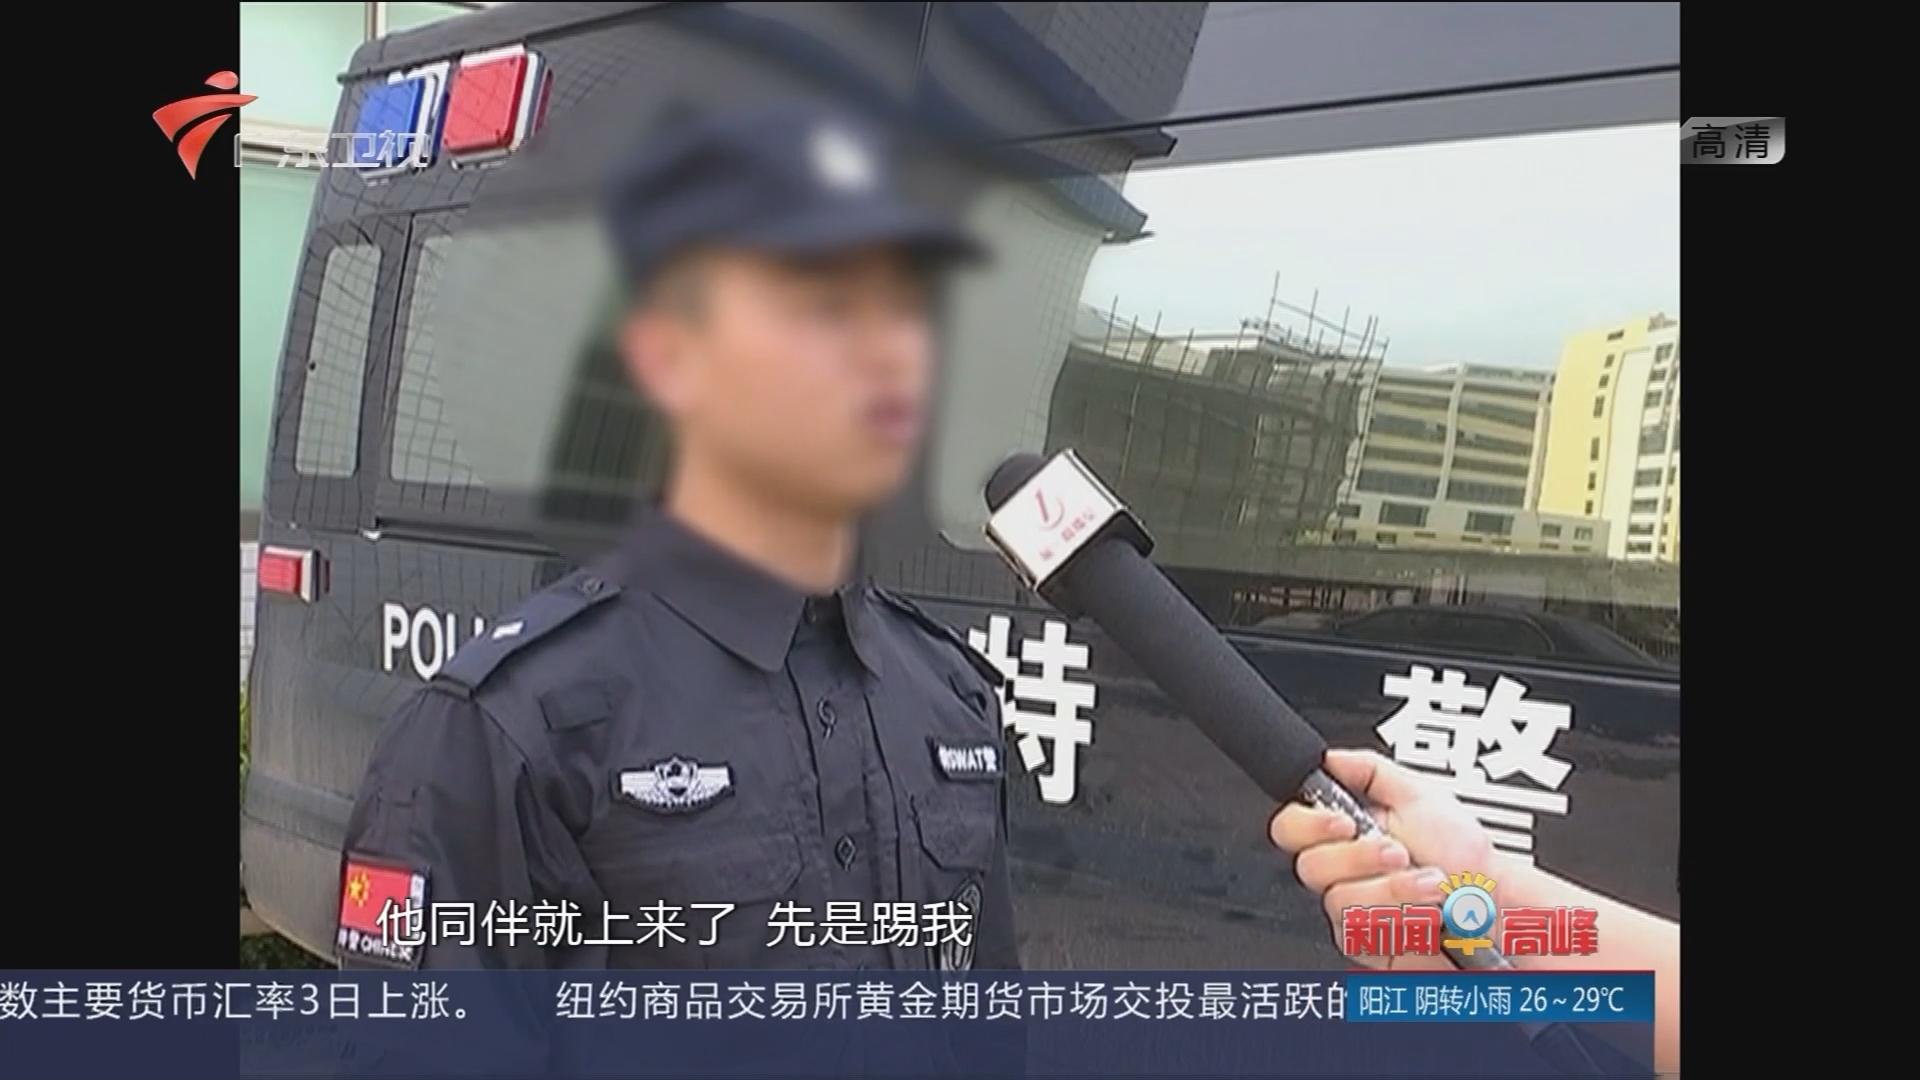 惠州便衣警抓现行遭暴力反抗 以一敌二抓获疑犯